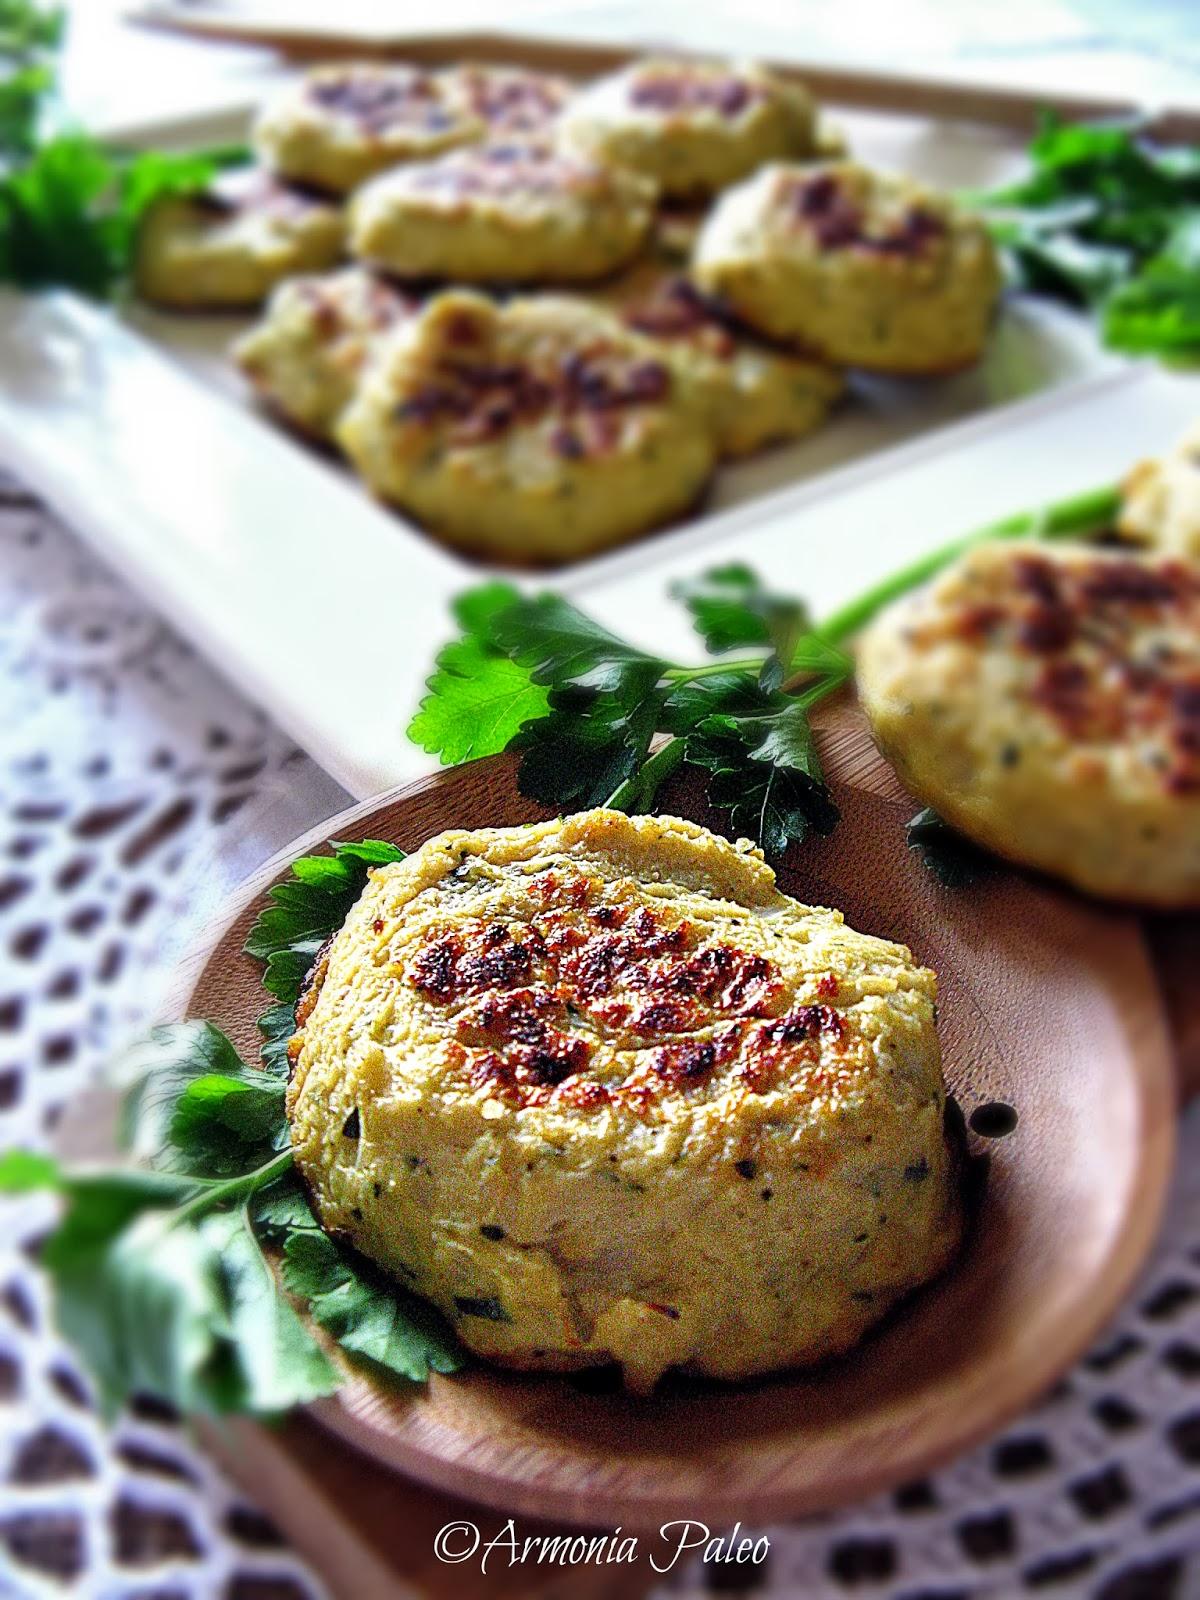 Pulpetti tal-Pastard - Frittelle di Cavolfiore alla Maltese di Armonia Paleo